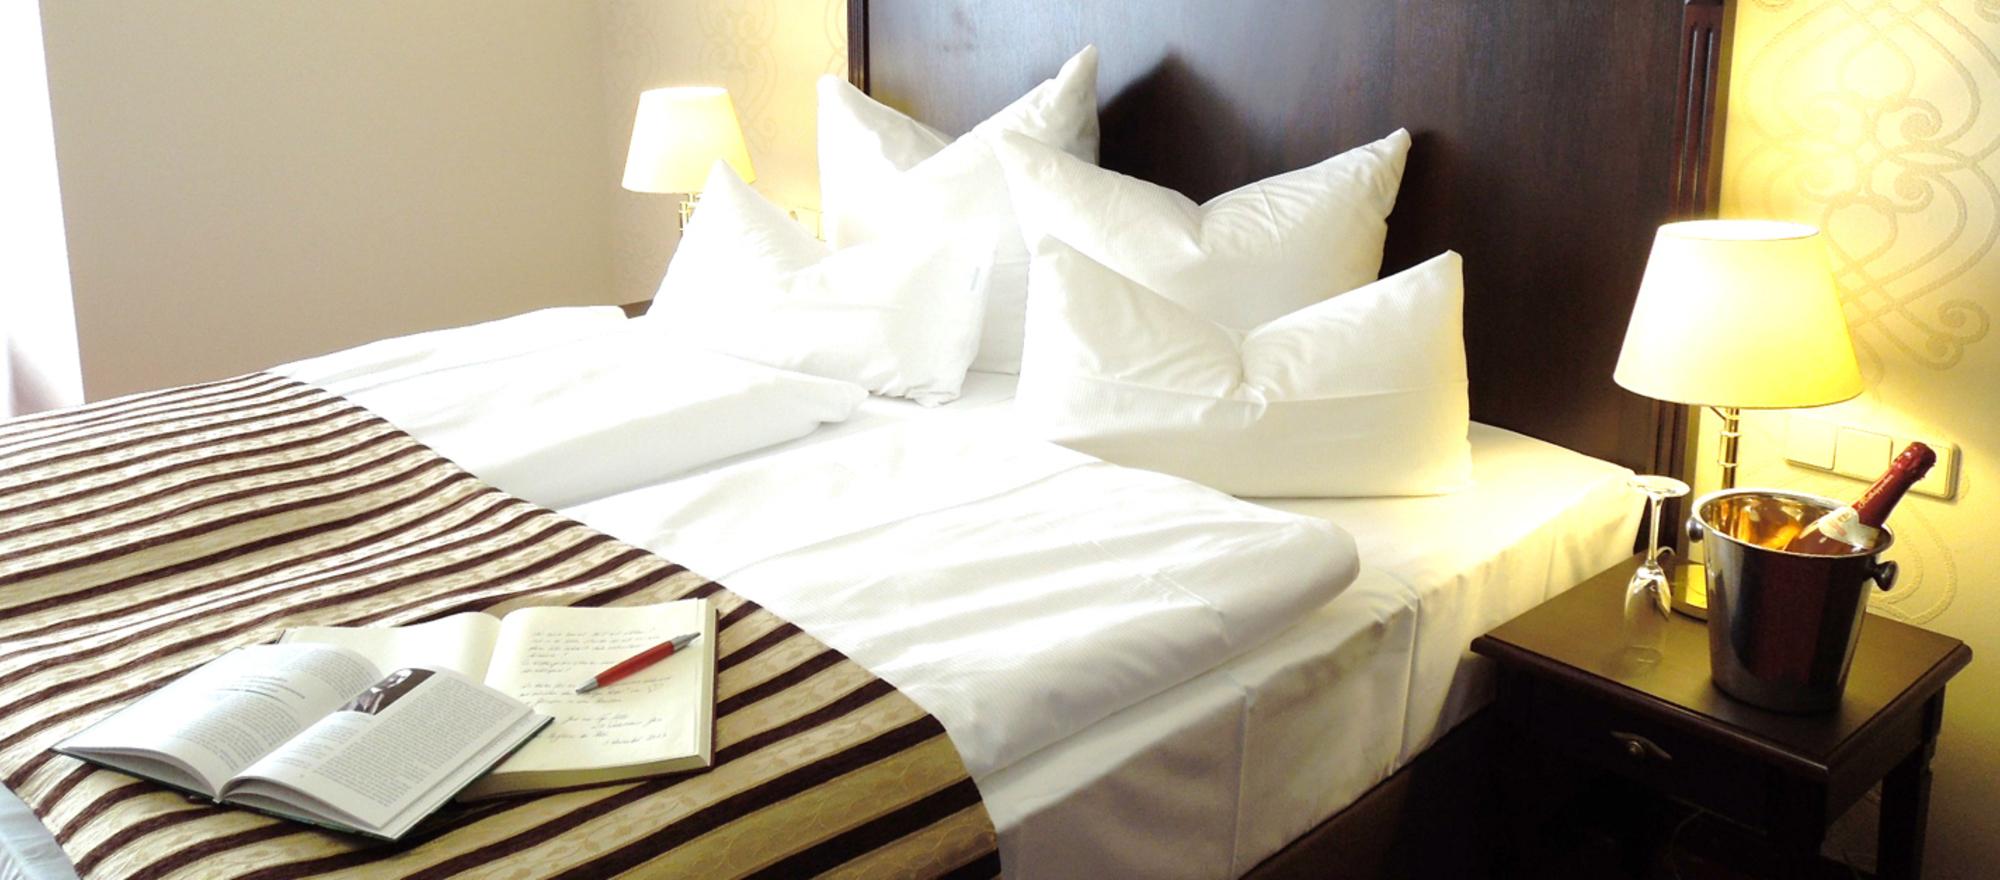 Jobs In Hotel Bad Godesberg